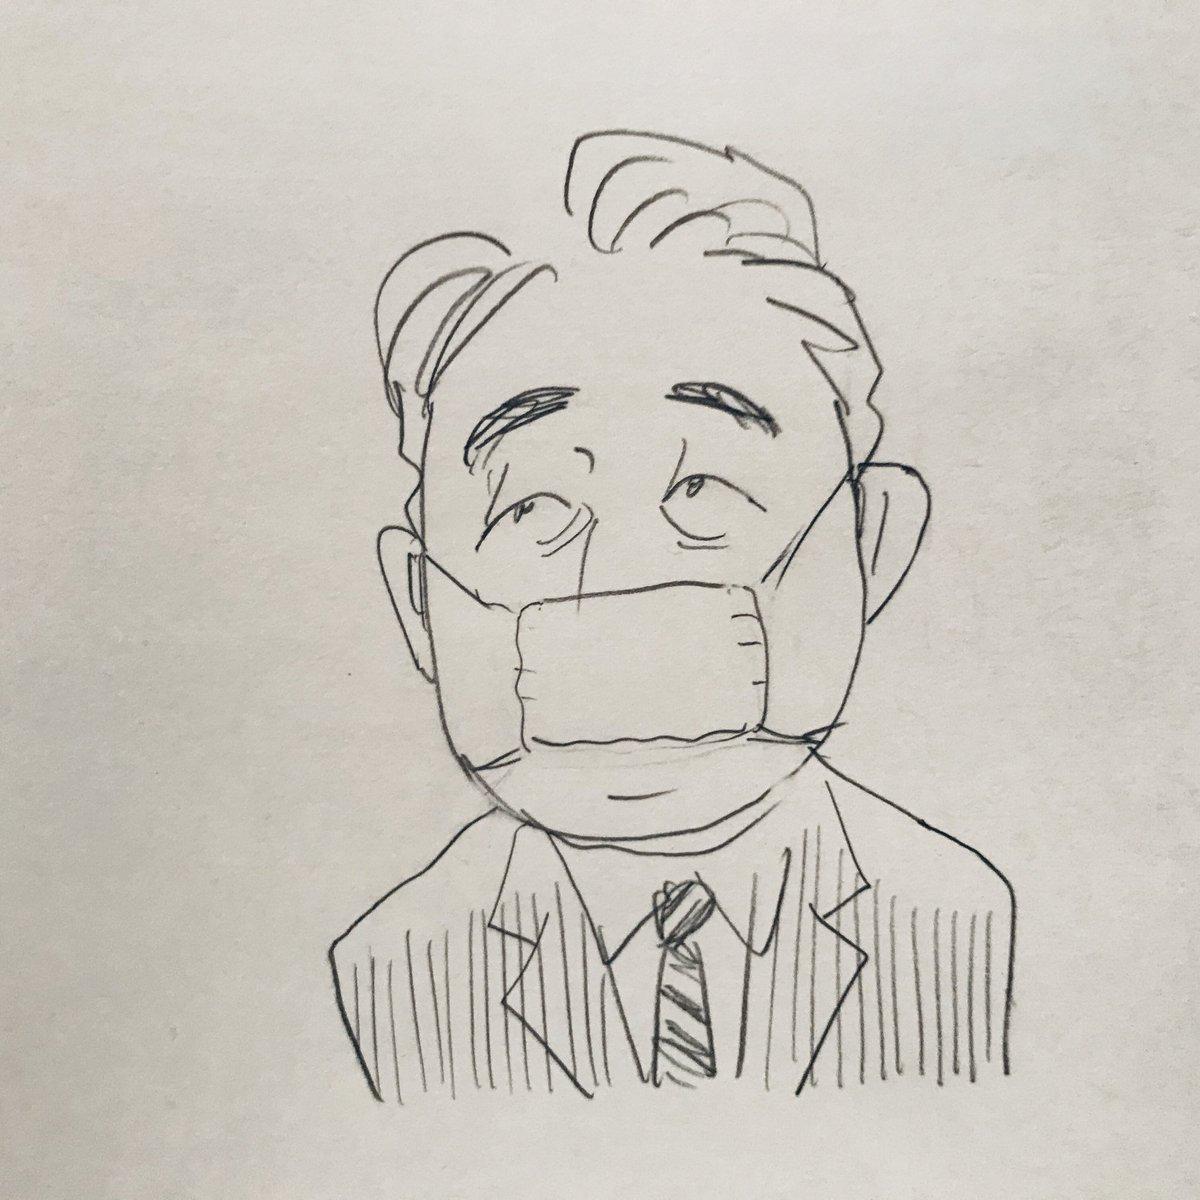 浦沢 浦沢直樹 新装版ヤワラ 年月日 表紙すきに関連した画像-01